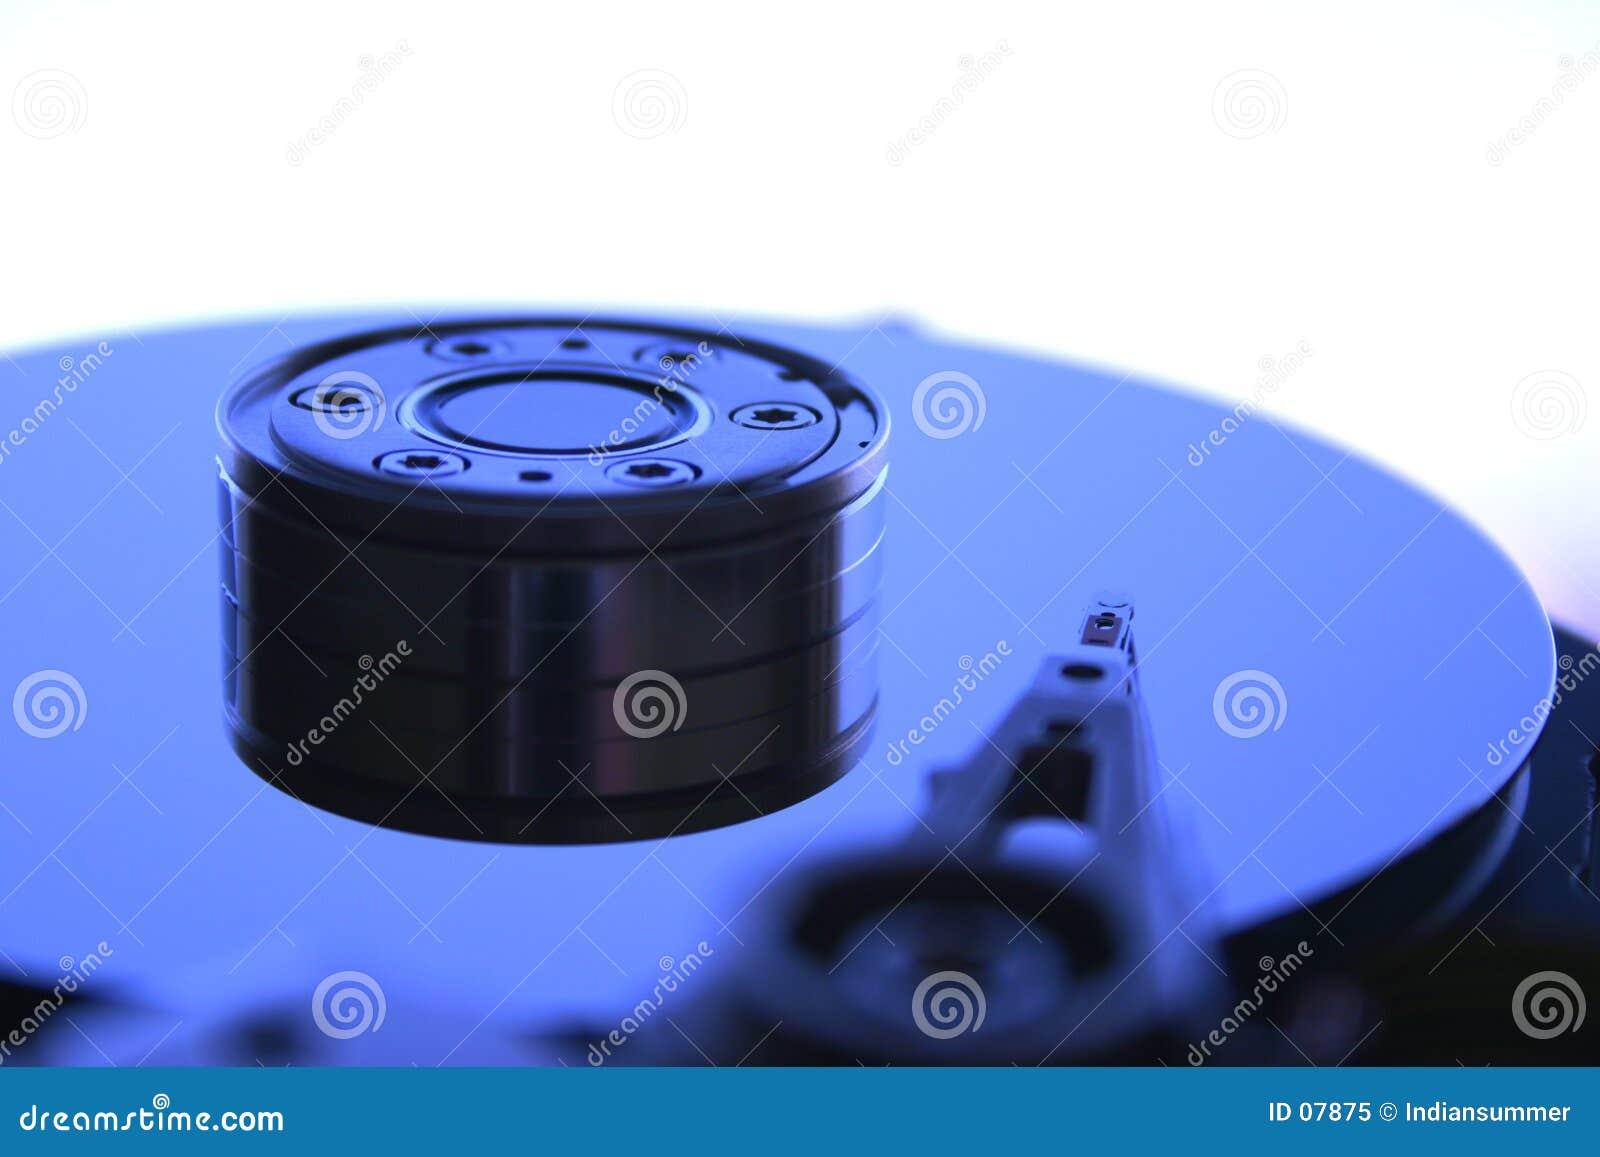 Festplattenlaufwerk V